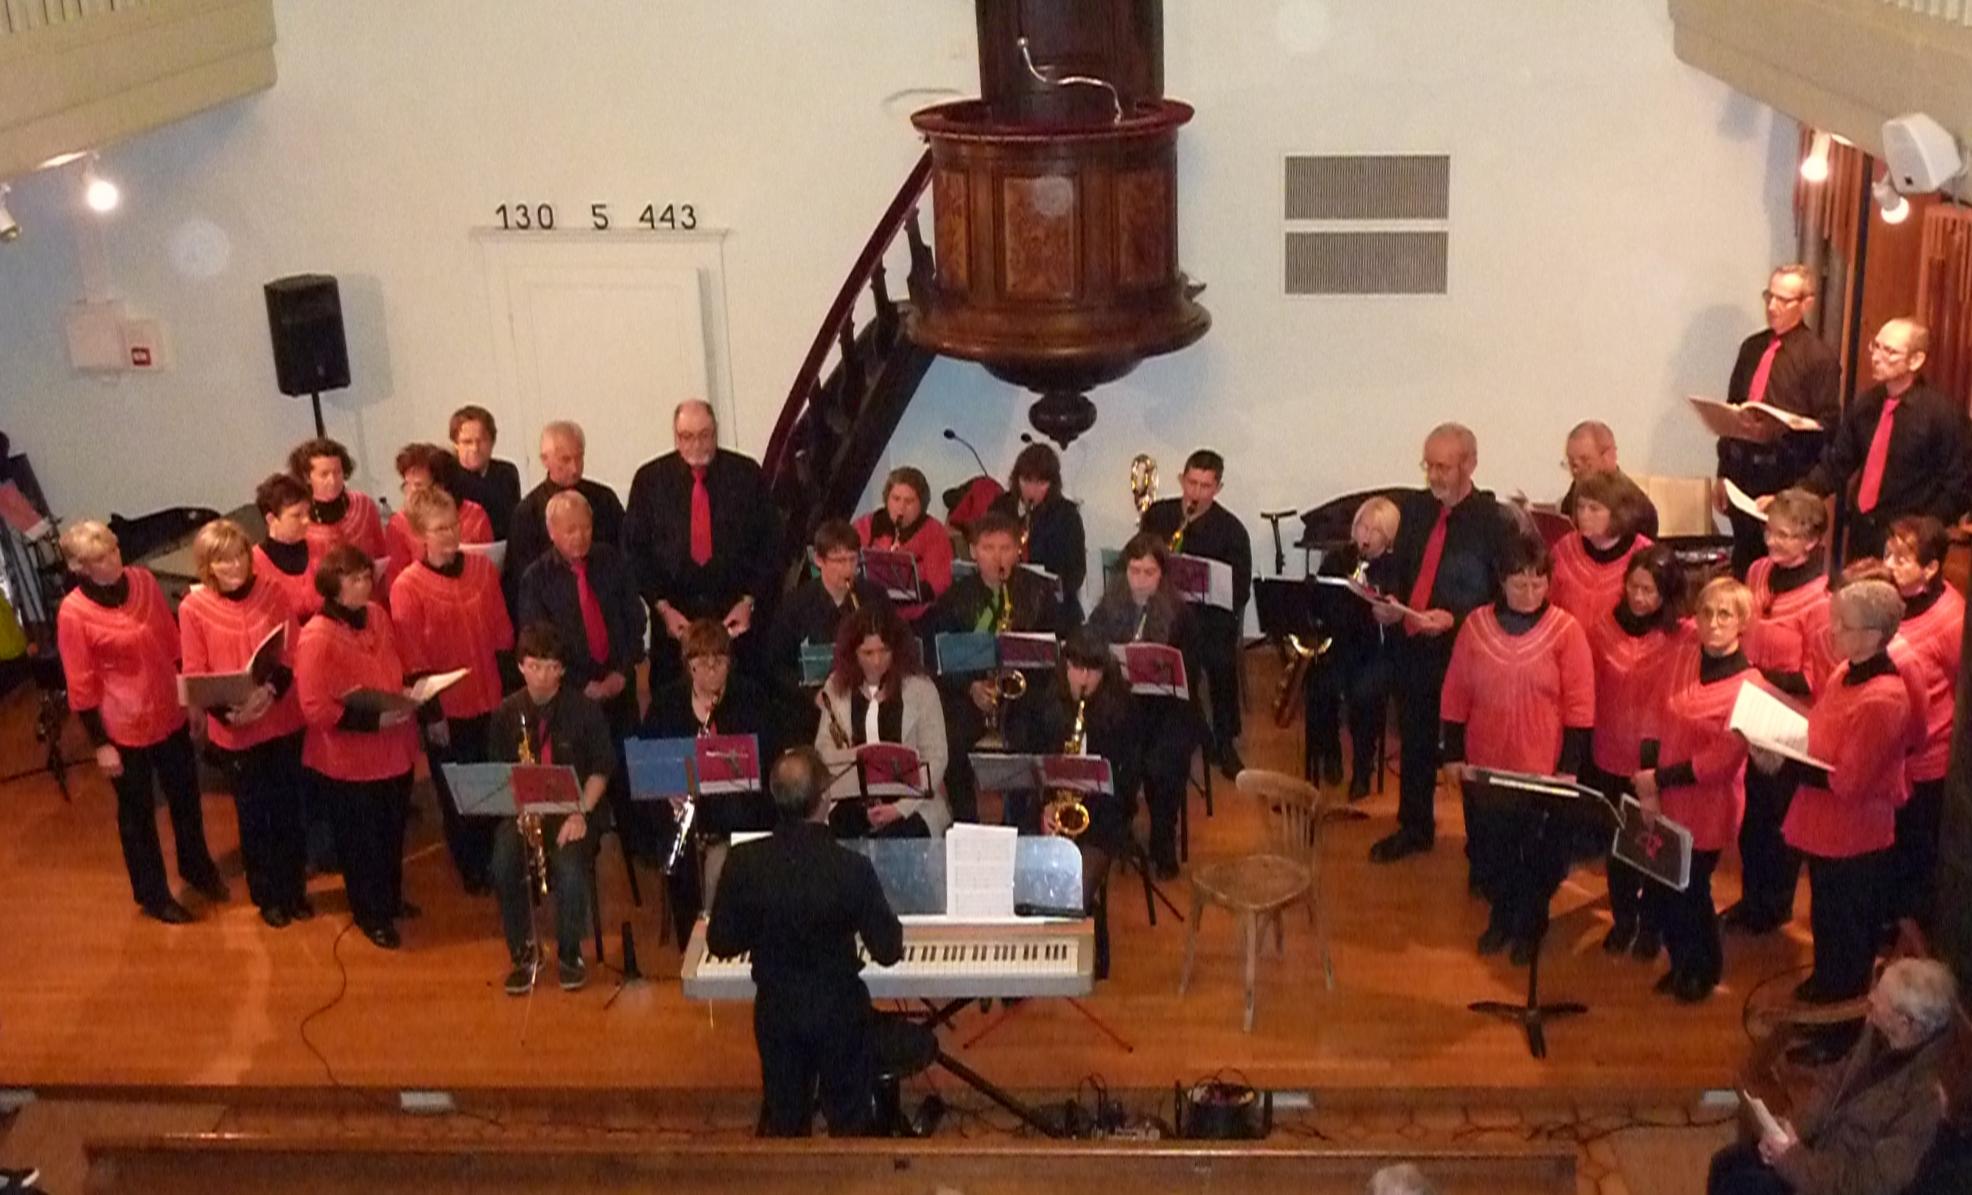 """Concert à Mens avec """"La tête dans le sax"""" - 24 mars 2013"""